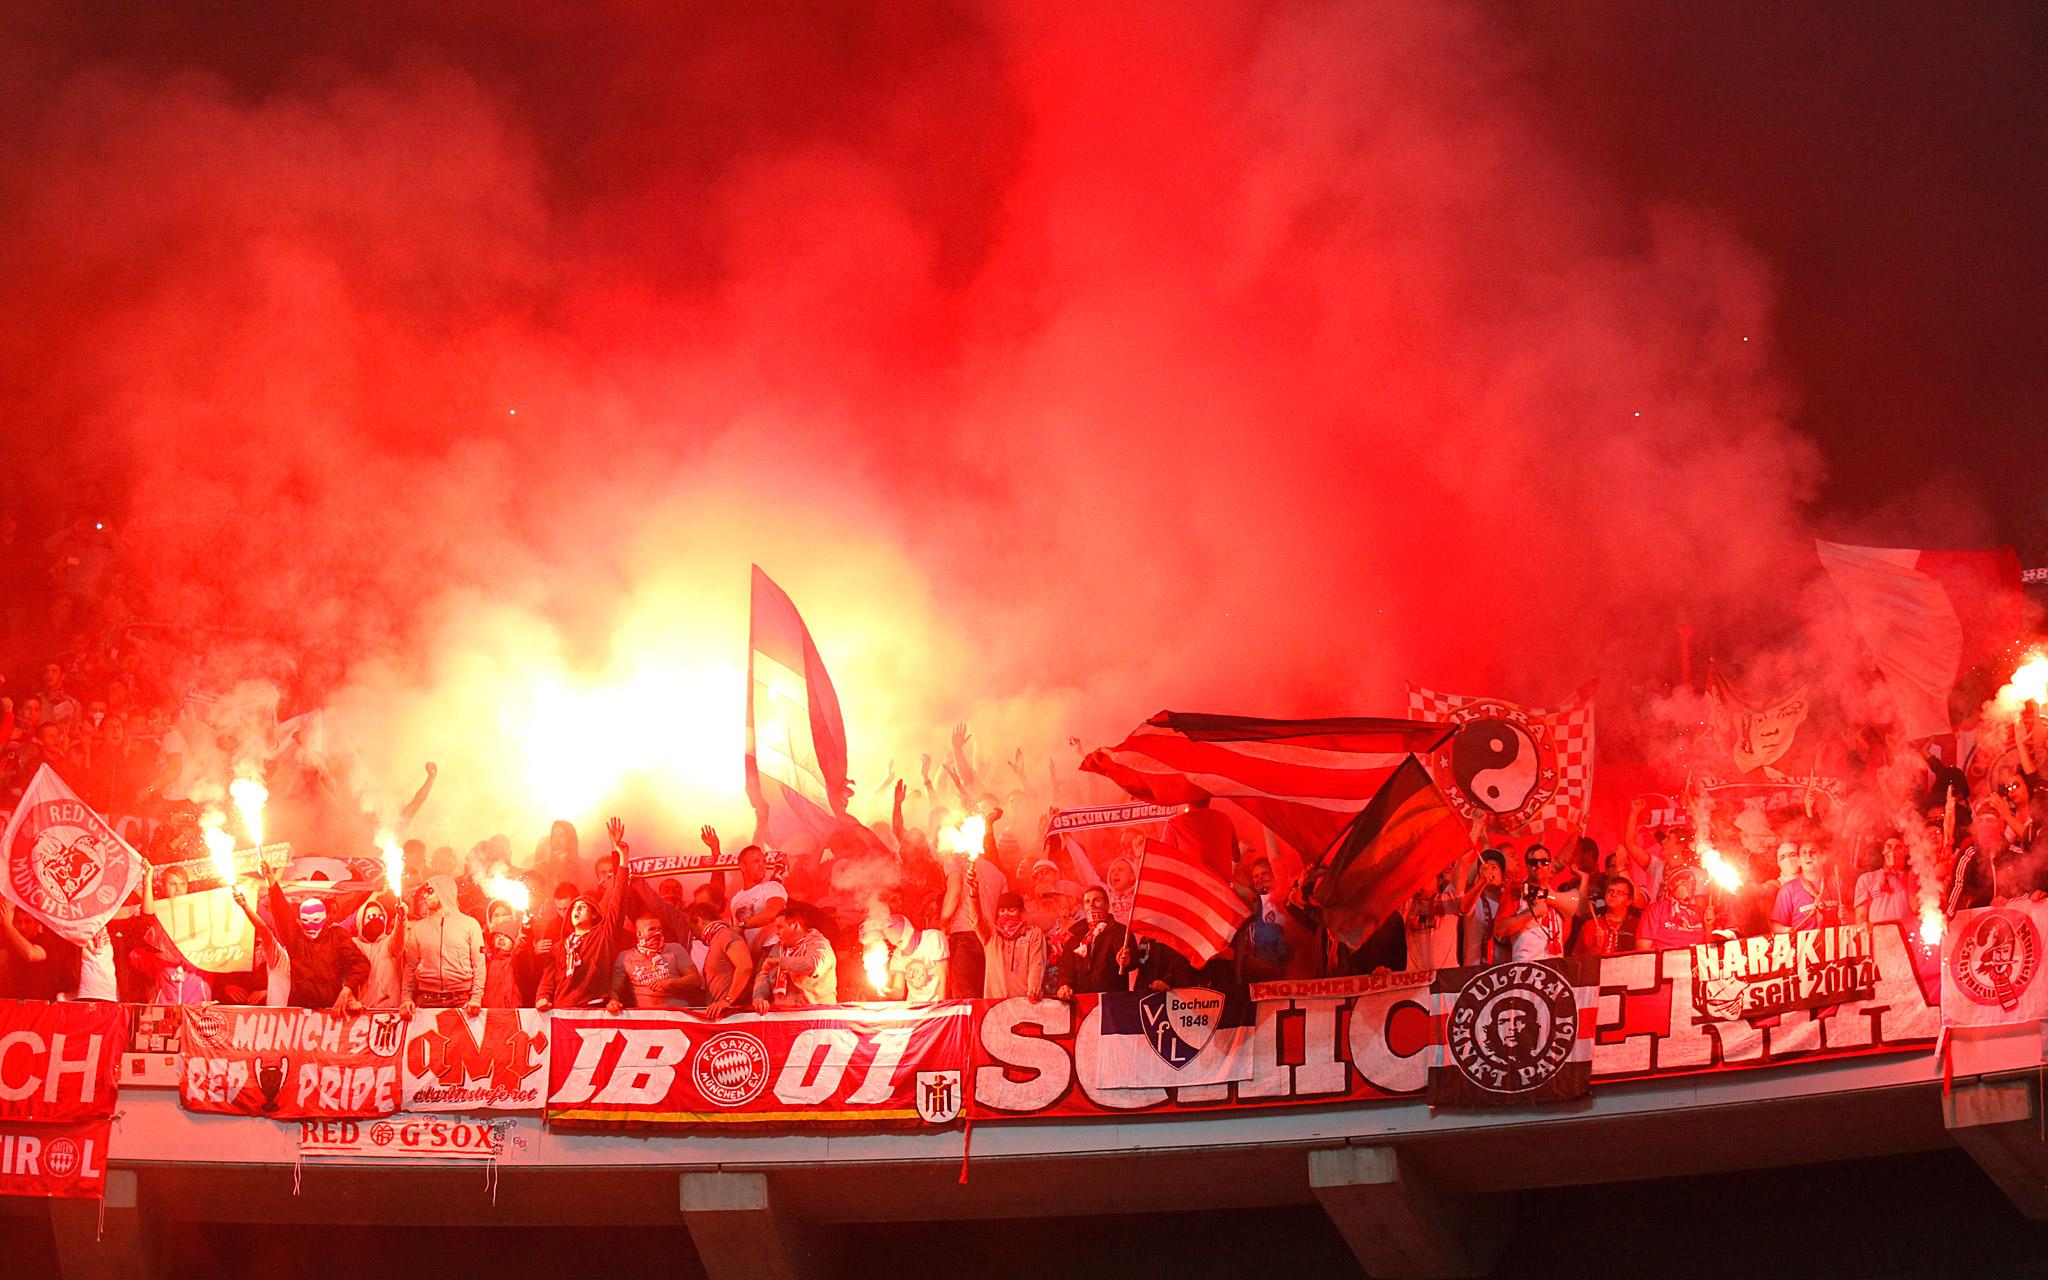 Bayern Munich's Supporters